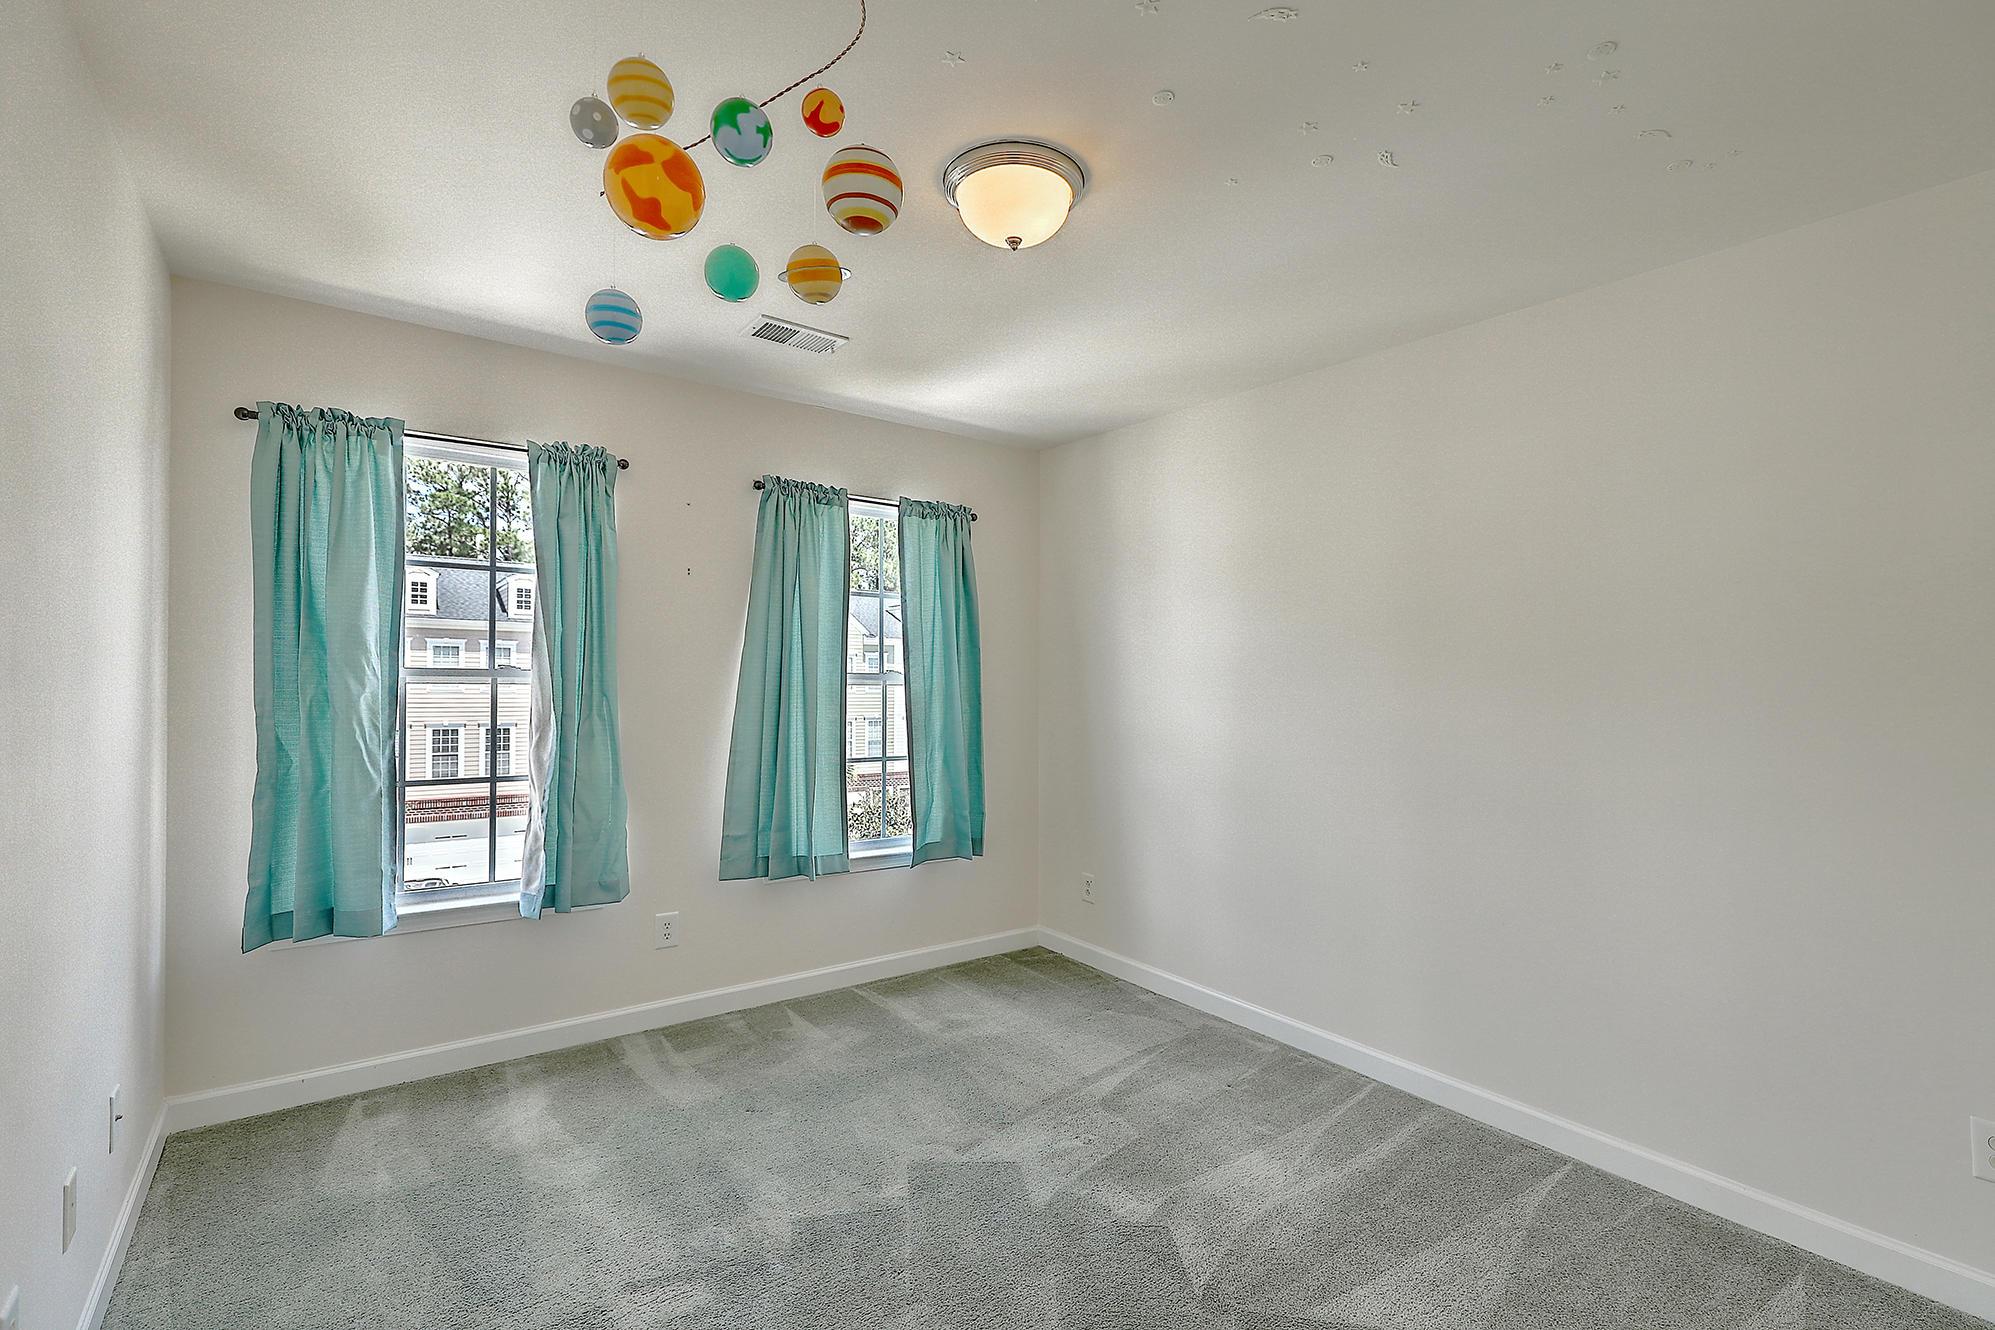 Kensington at Park West Homes For Sale - 3521 Claremont, Mount Pleasant, SC - 21